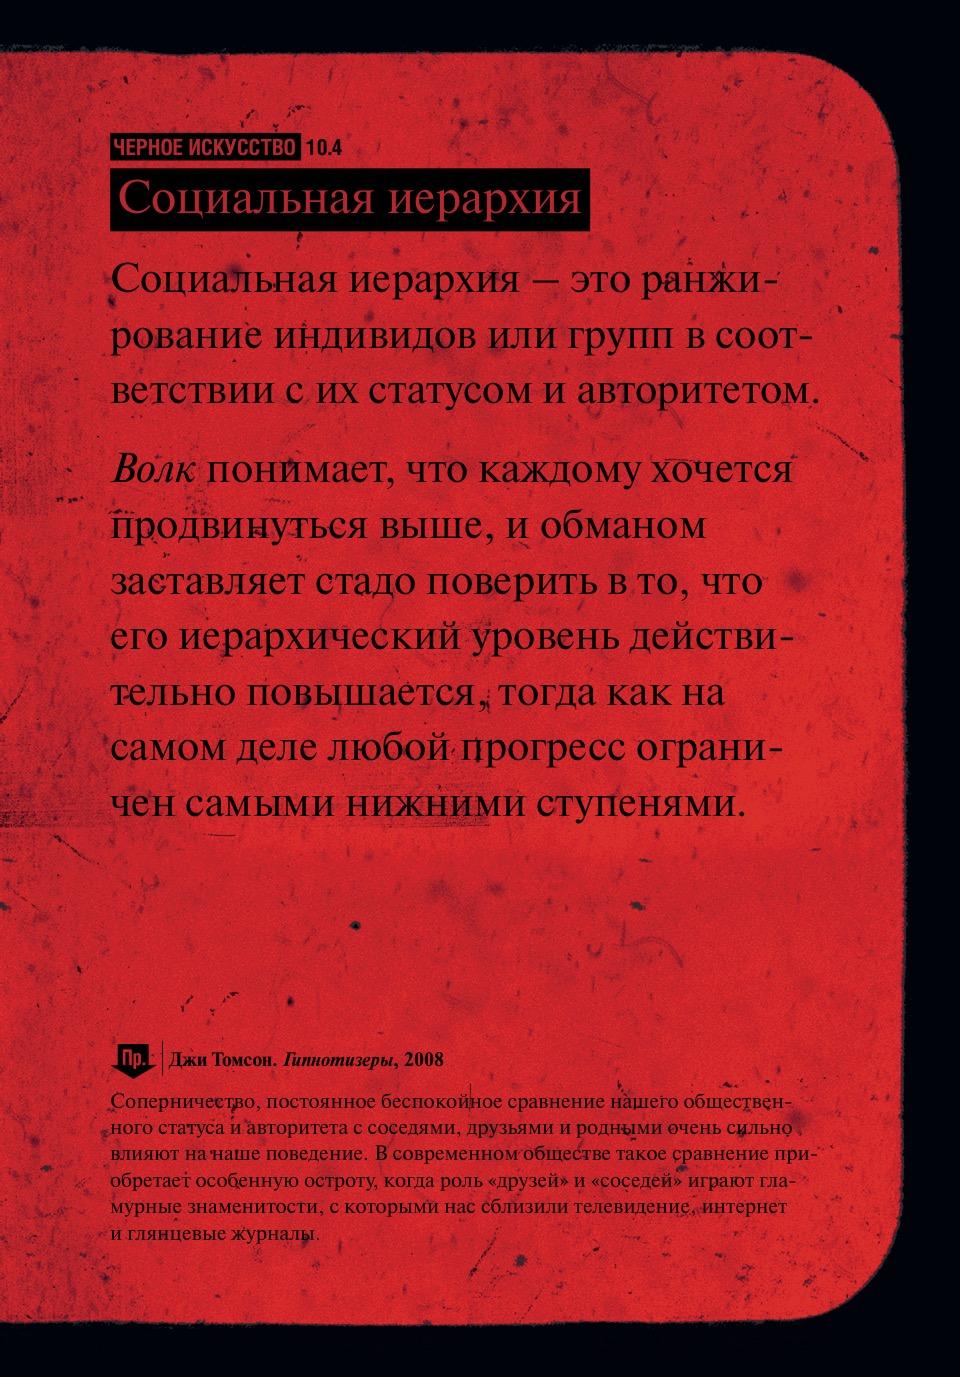 Мозговертка_210-254 101